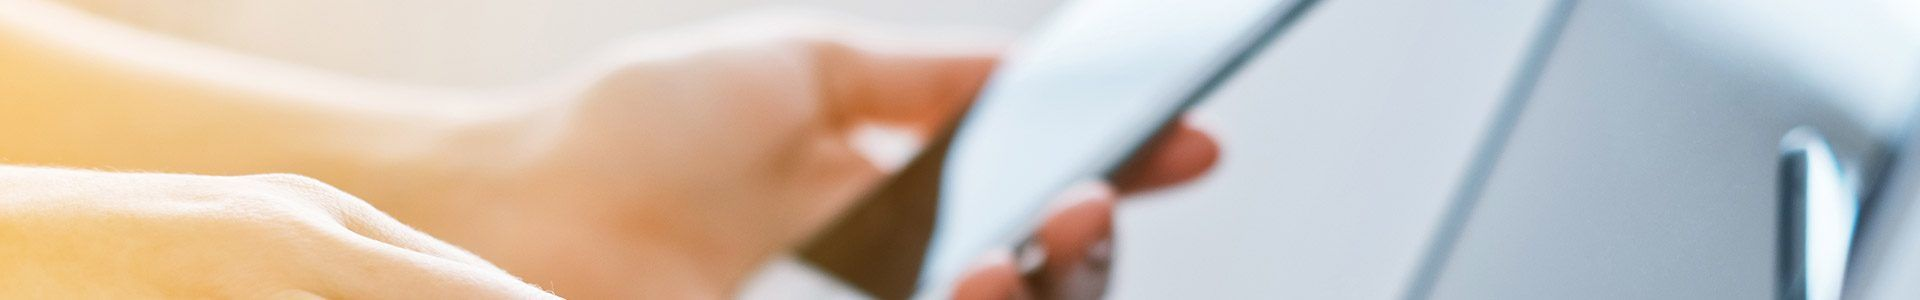 7 redenen waarom responsive design voor e-mail nieuwsbrieven een must is